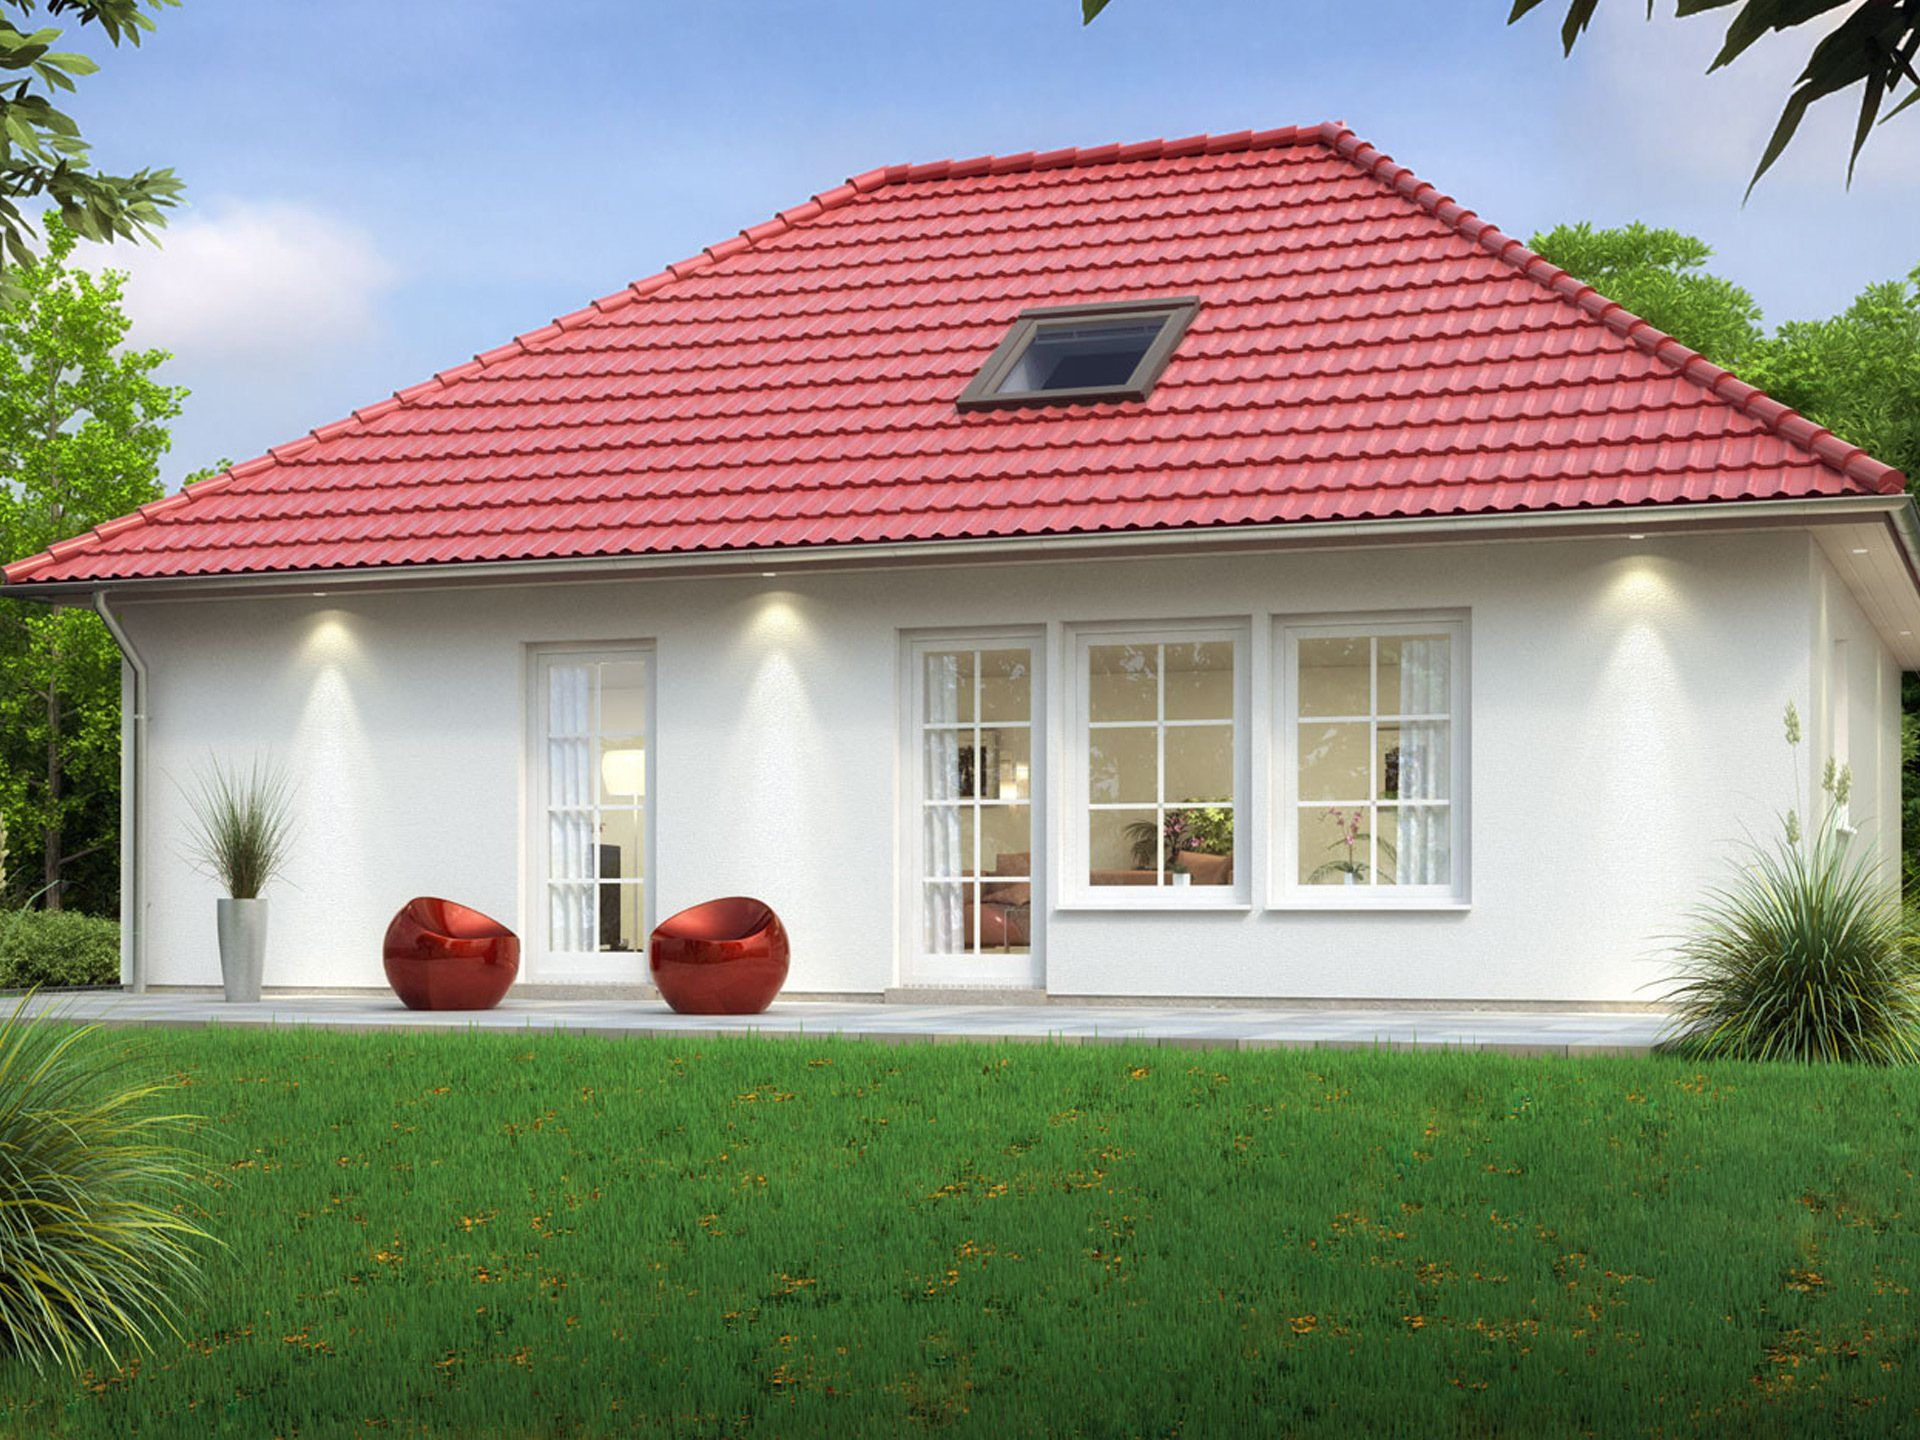 Kleines Haus 50 Qm. wachsender markt f r kleine h user auf 50 qm tiny houses. kleine h user auf